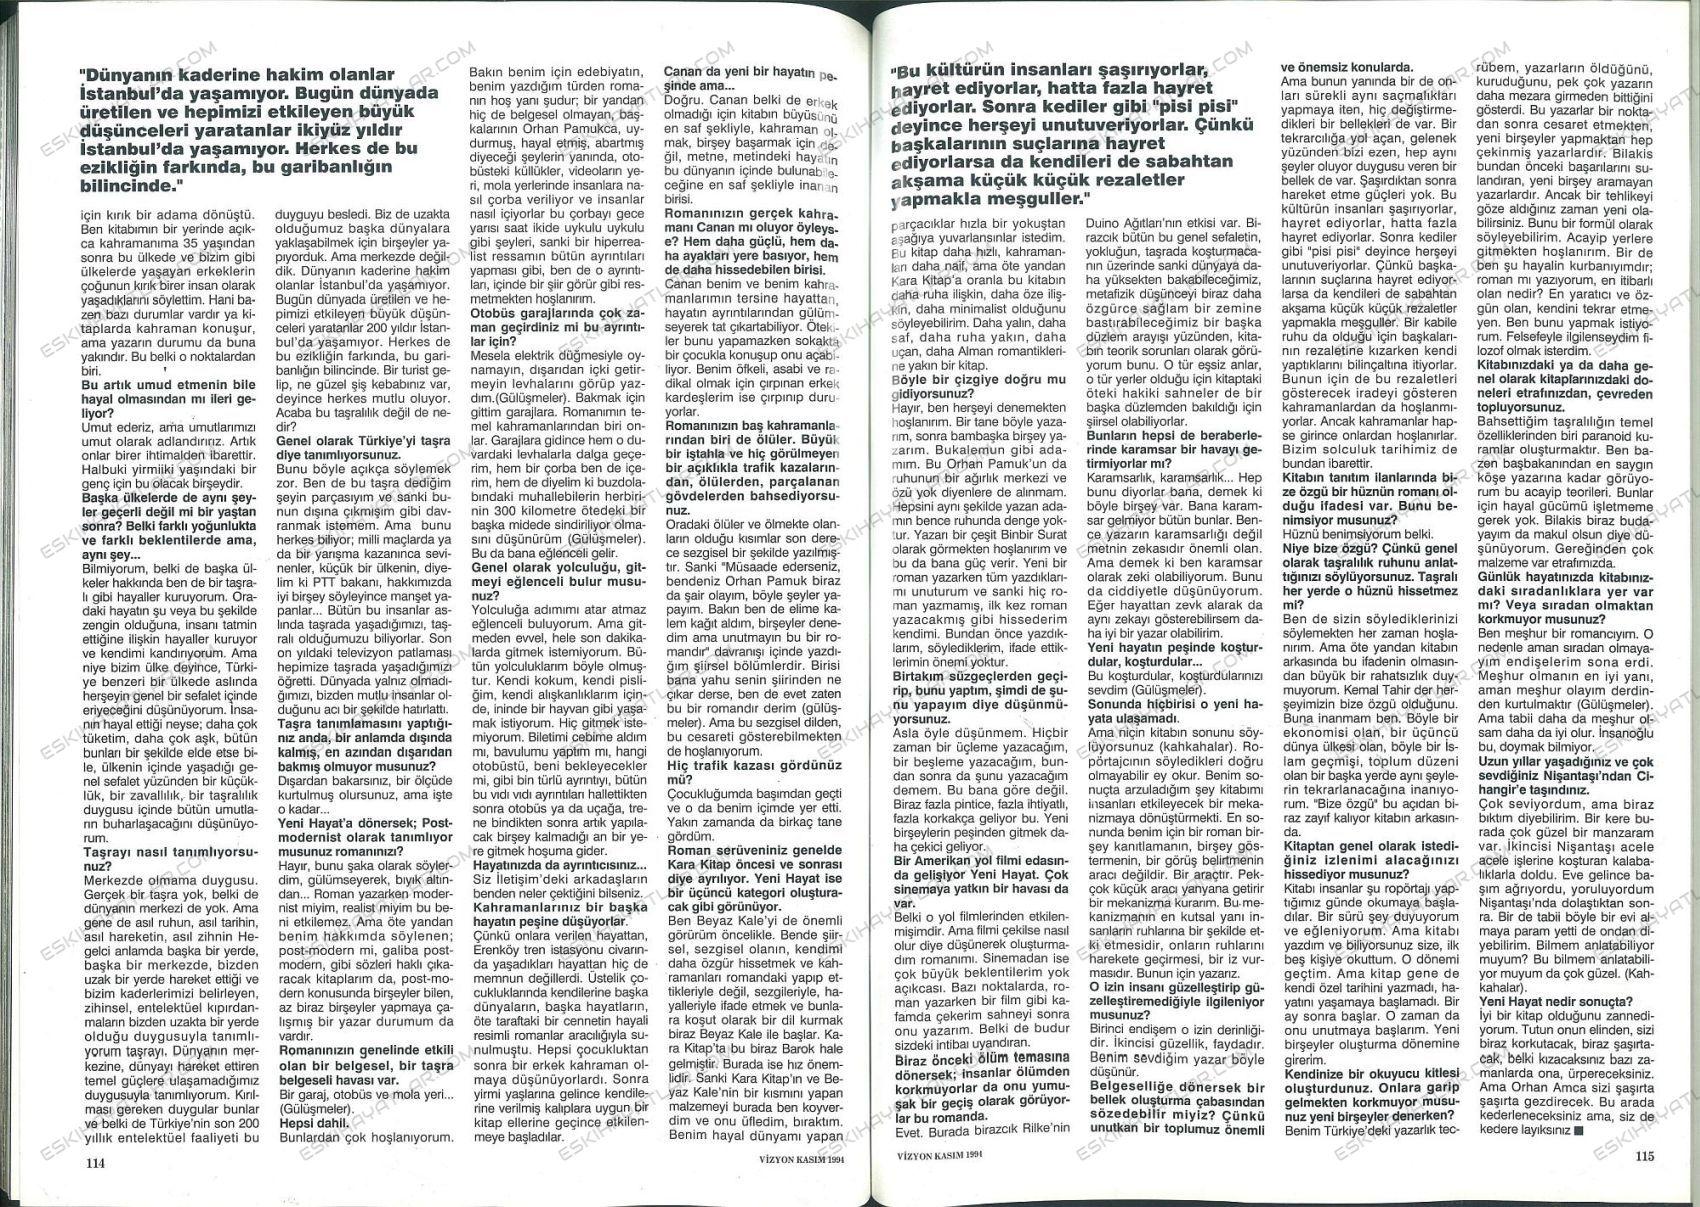 0211-orhan-pamuk-yeni-hayat-ilk-baskisi-1994-vizyon-dergisi (2)